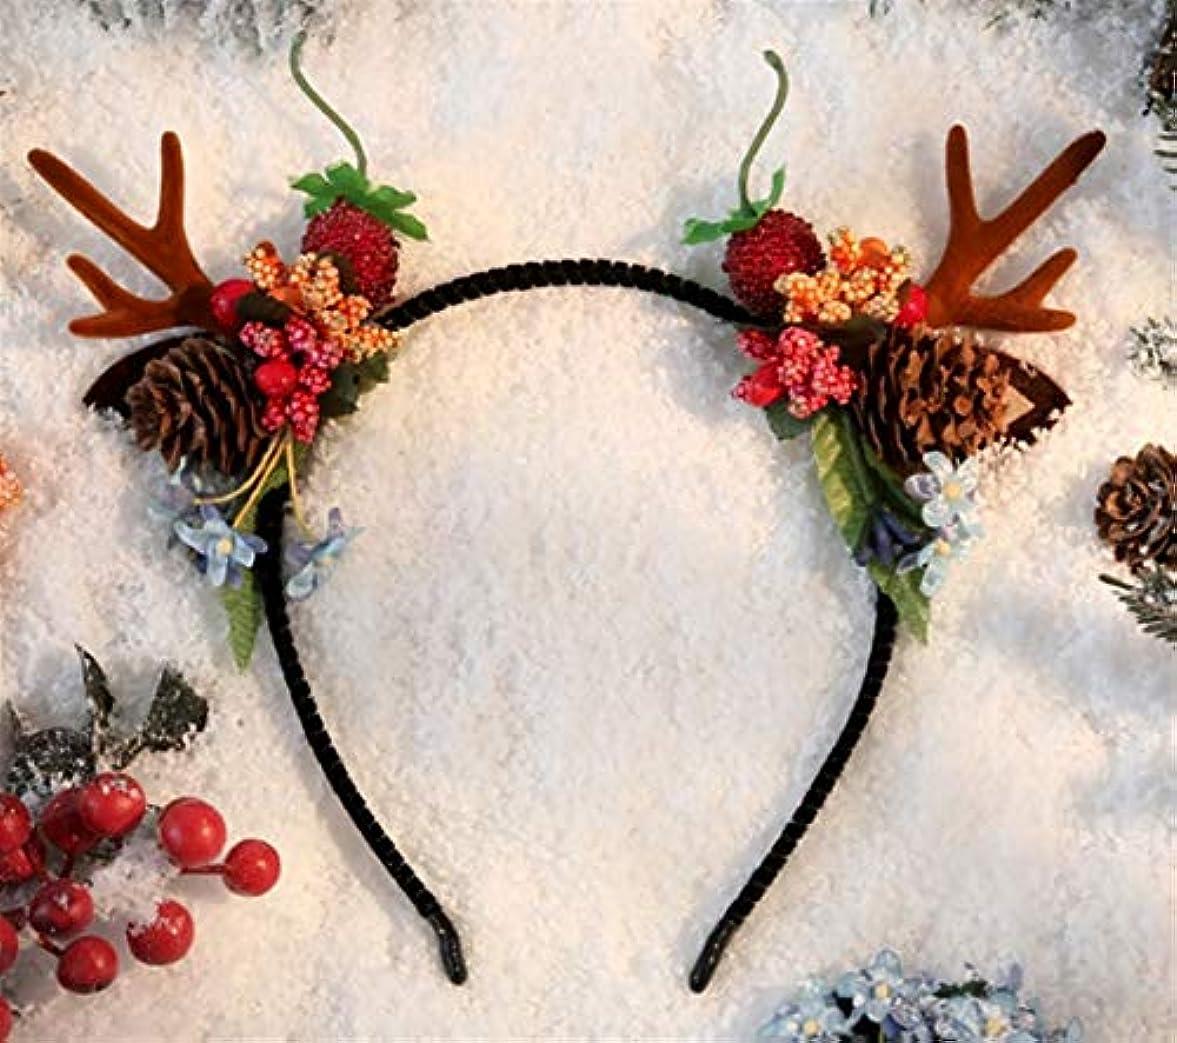 有名人疑問に思う追跡クリスマスヘアピン装身具アントラーズ頭飾りセンエルフスーパー妖精のヘッドバンドクリップヘアアクセサリー大人のヘアピンヘッドバンド (Style : E)